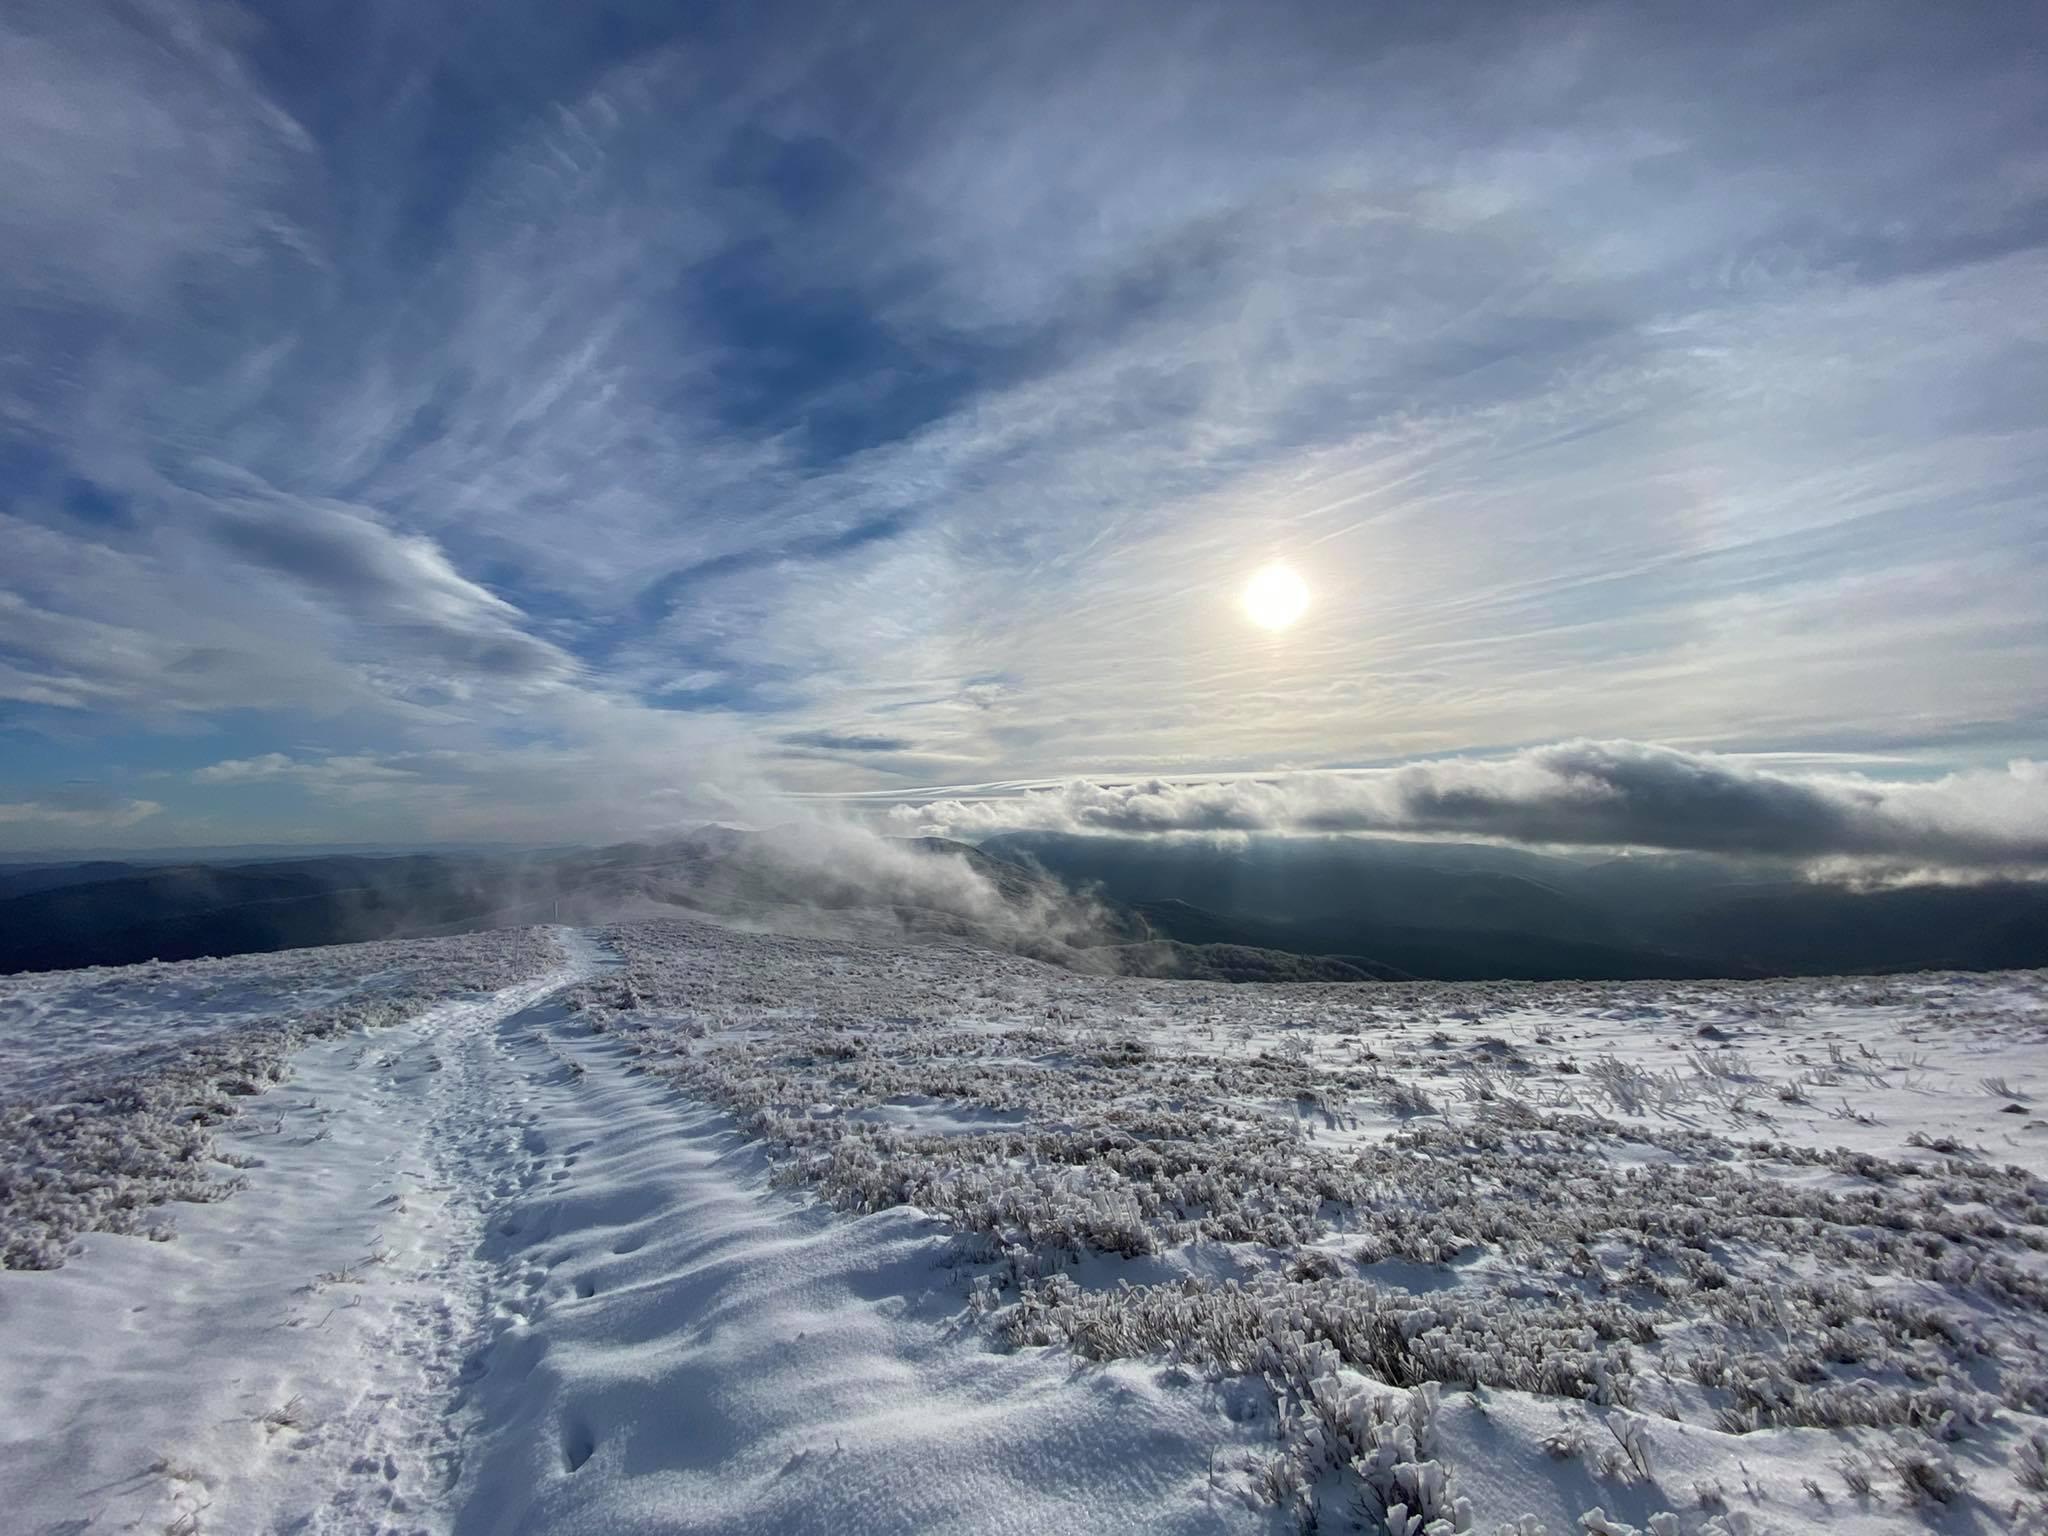 Smerek w zimowej szacie - Zdjęcie główne